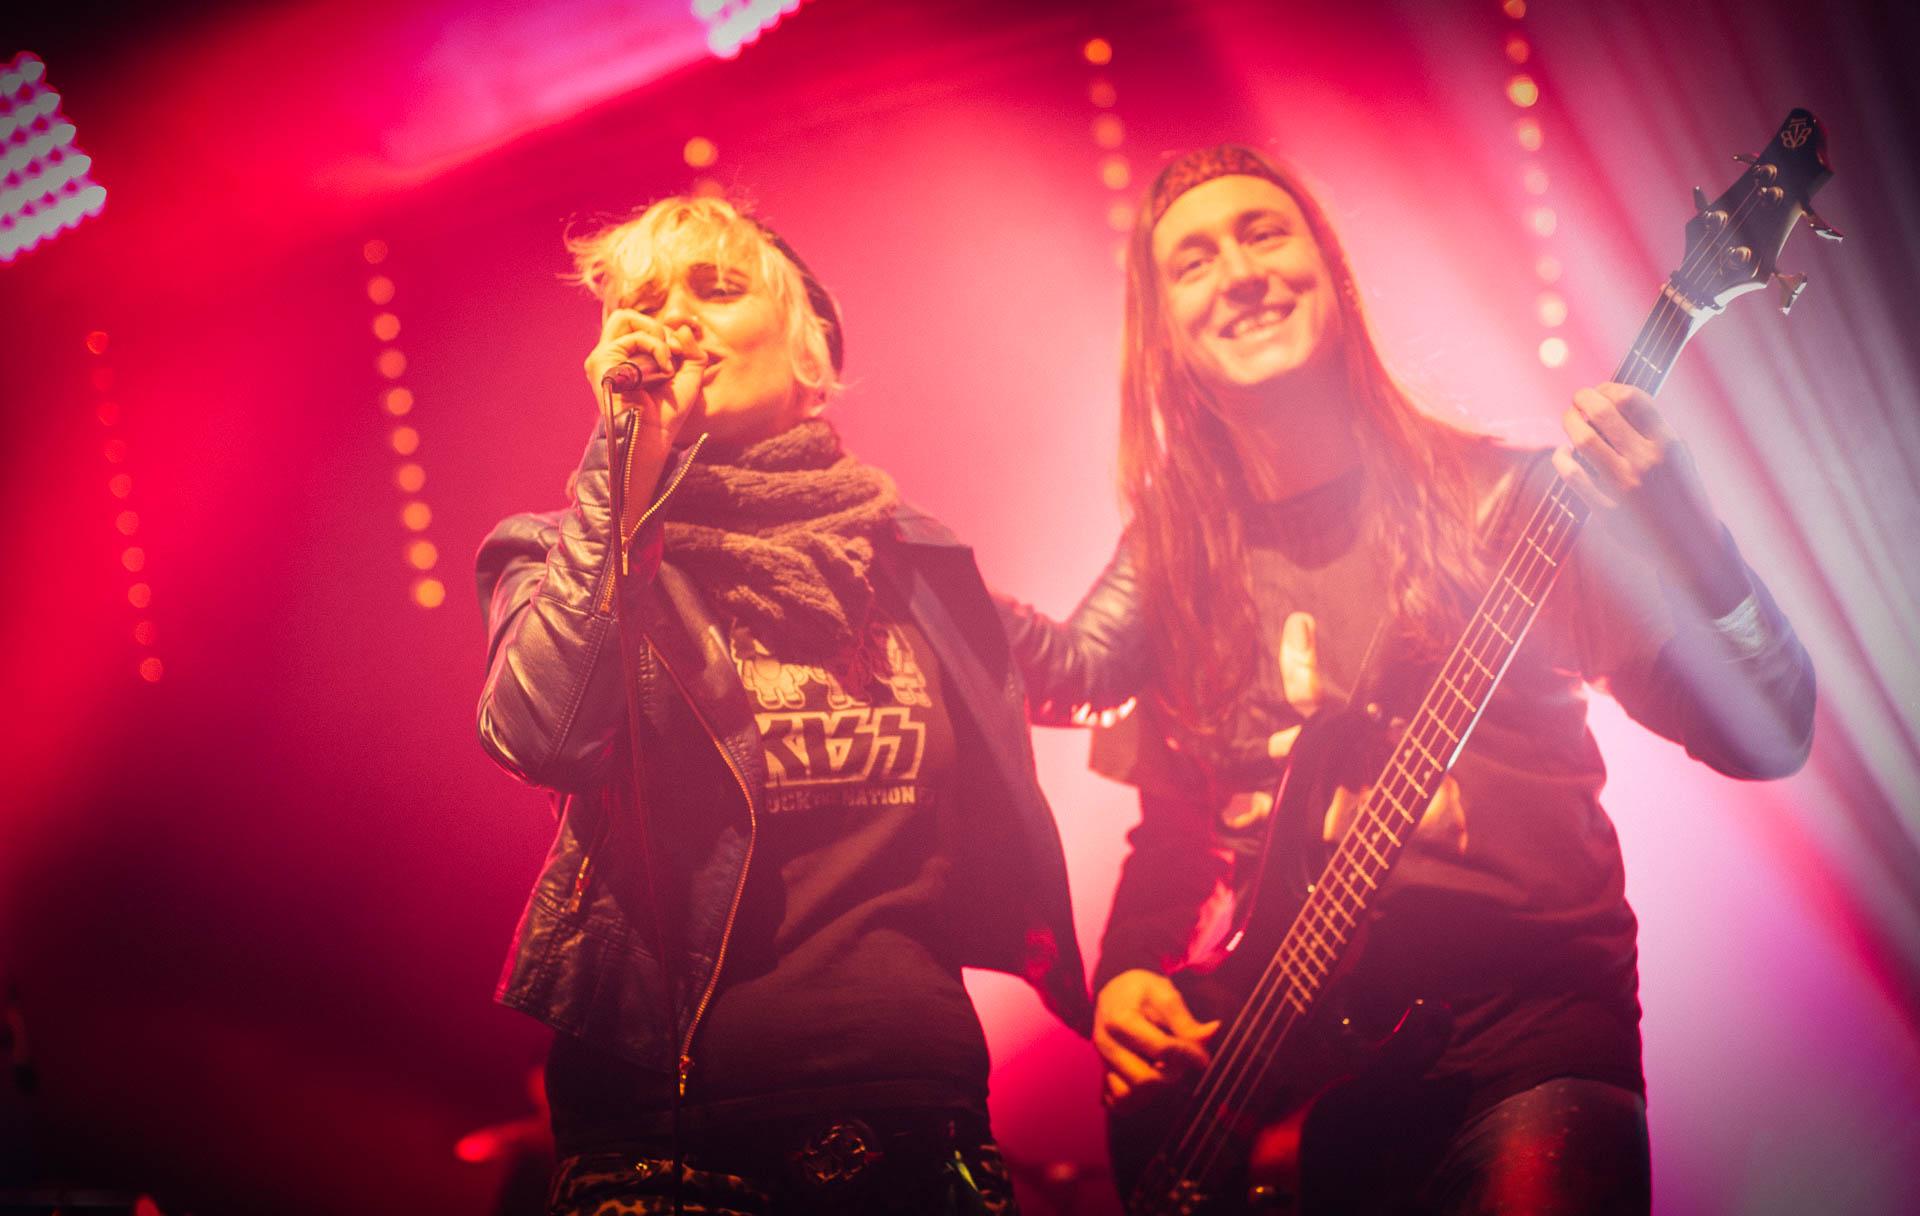 Konzert Sängerin und Bassist